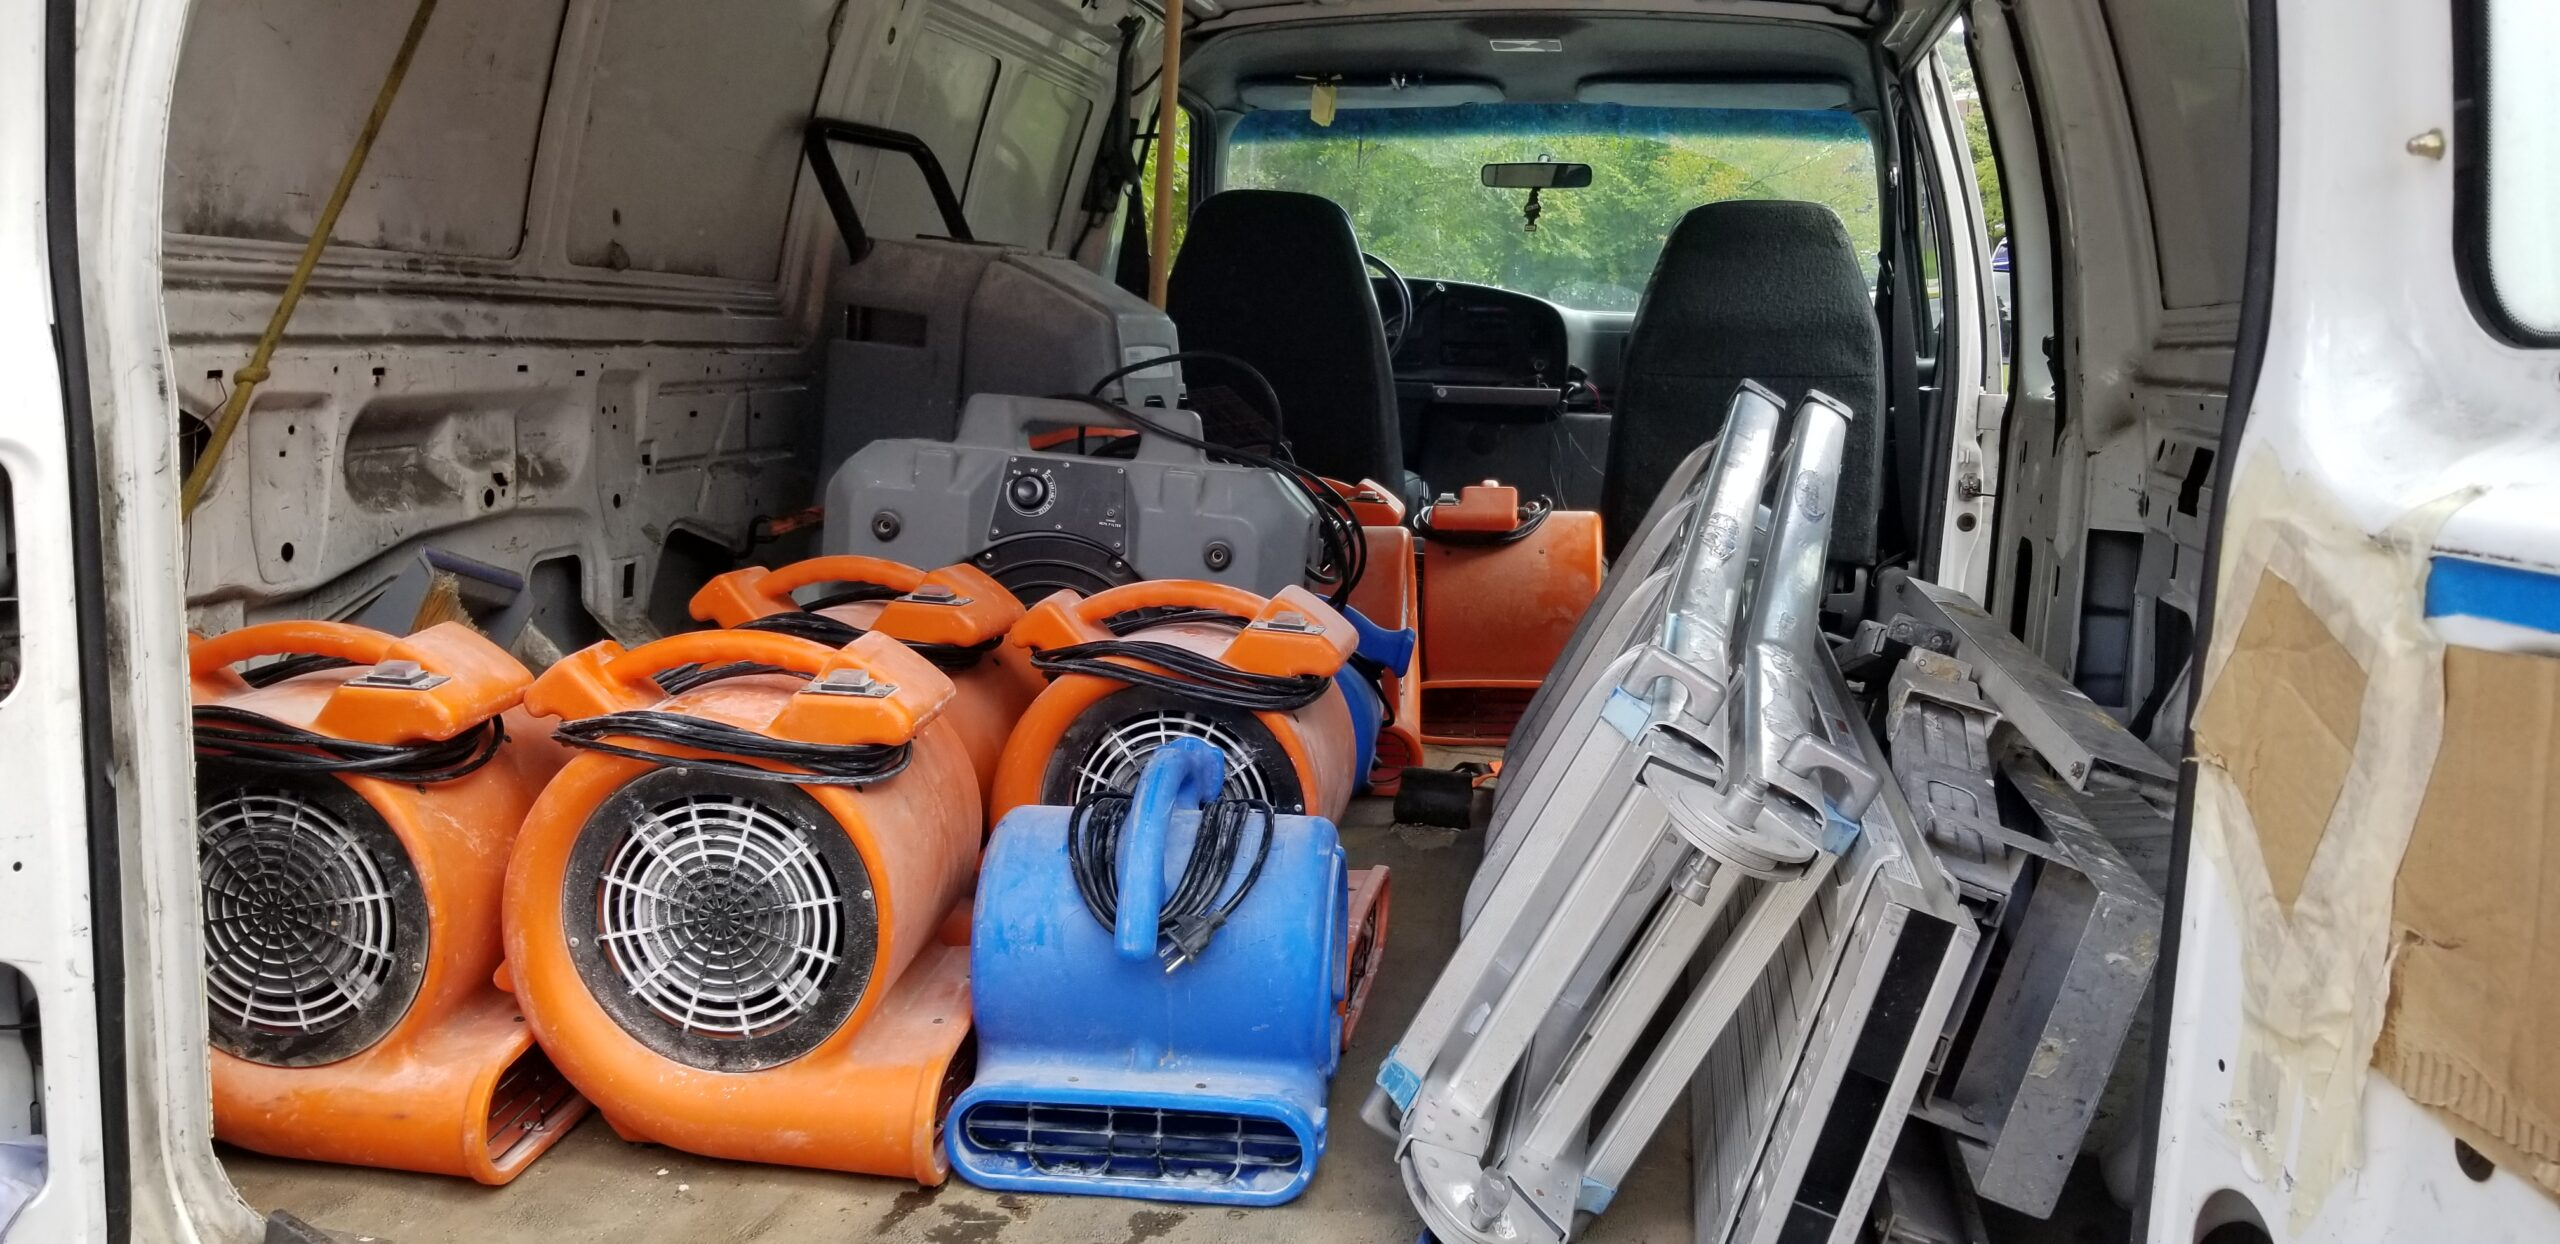 equipment in van